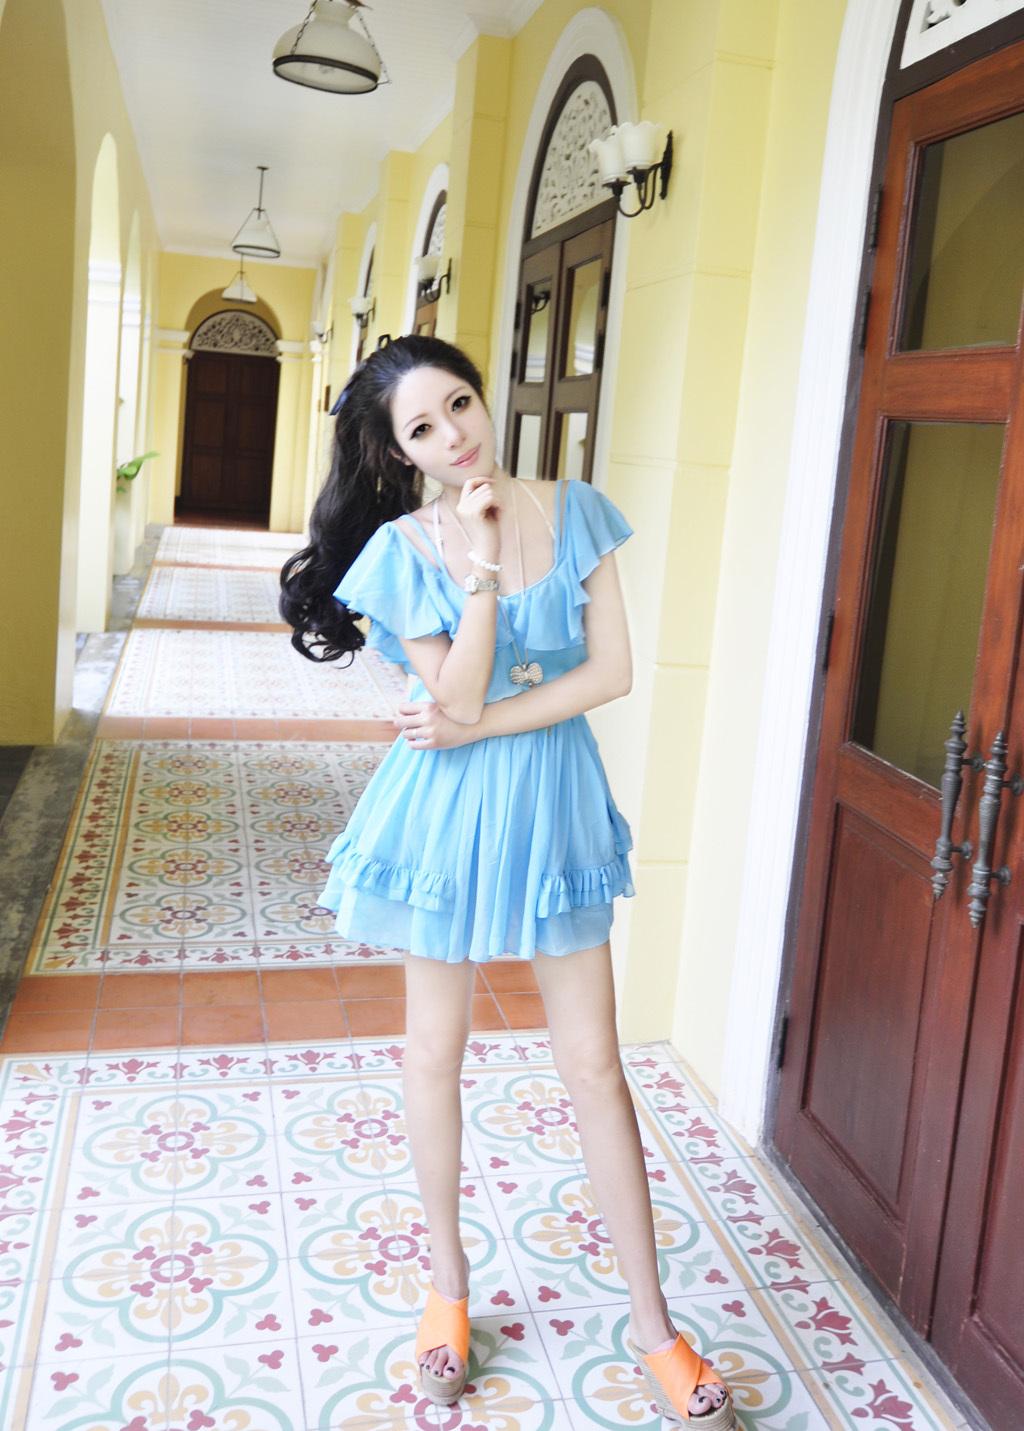 T-Baby 韩版雪纺蛋糕连衣裙 天蓝色 荷叶边短袖 2014新款夏装女装